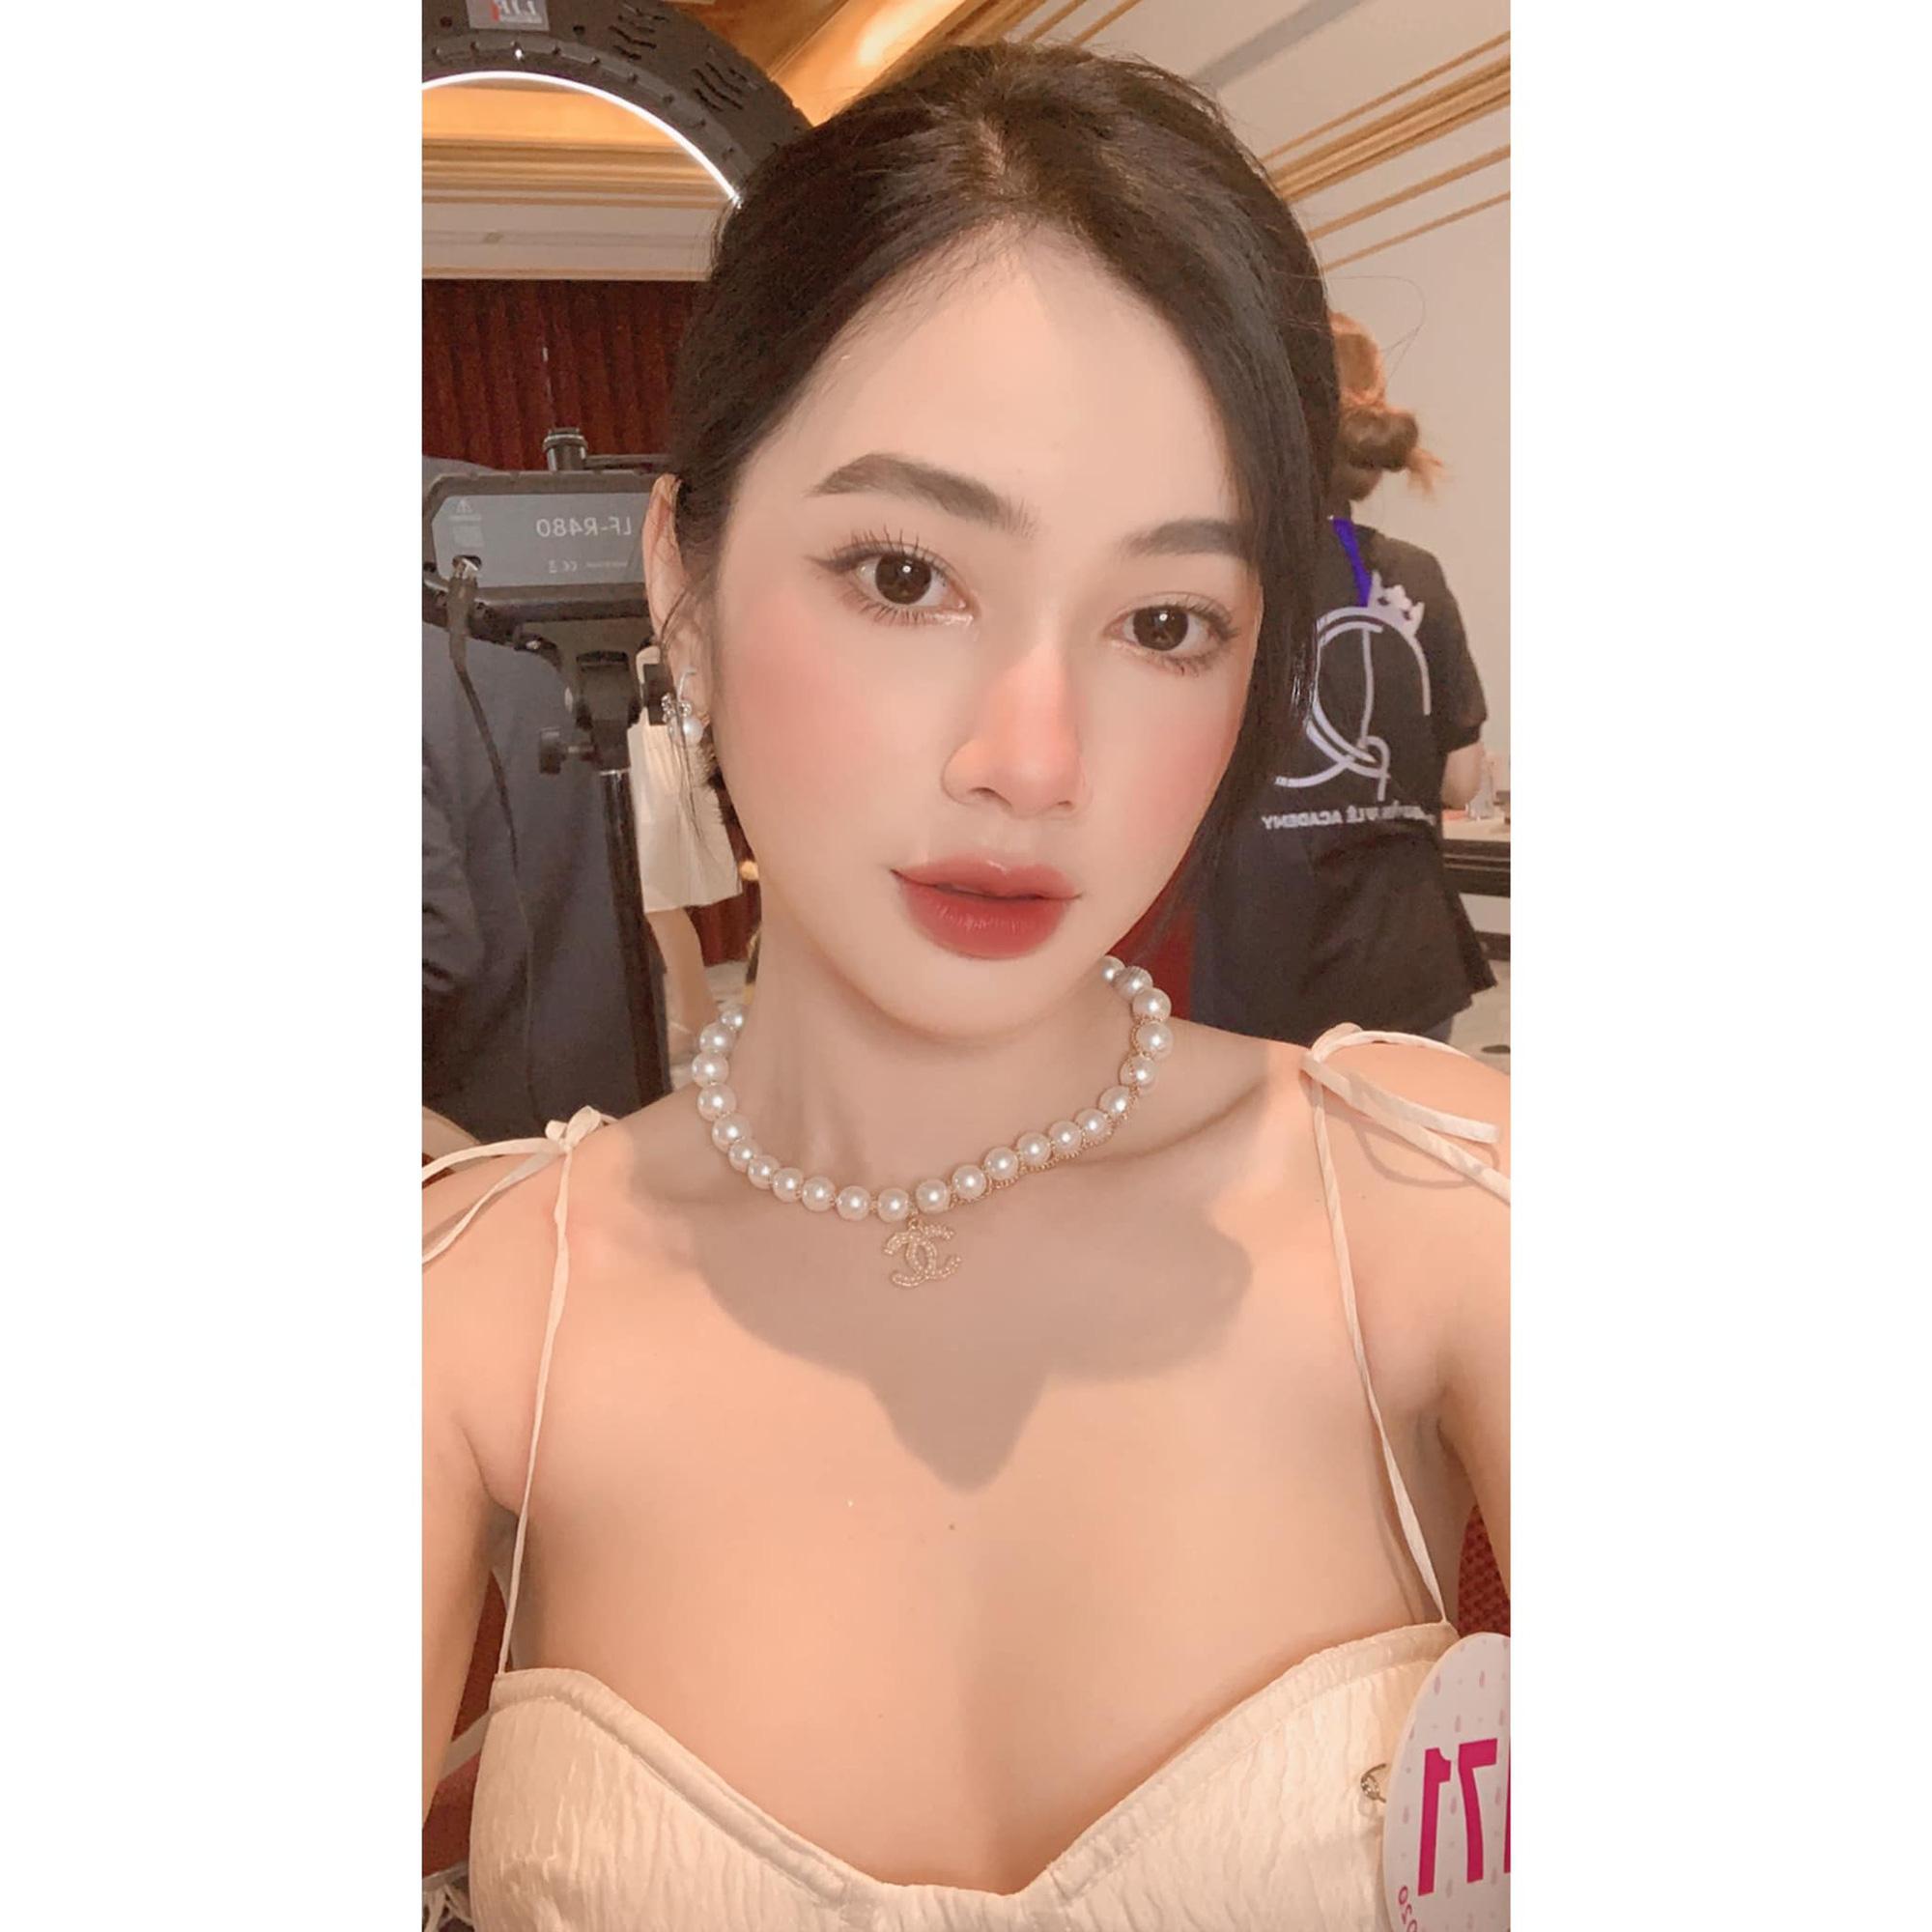 """7 mỹ nhân Việt bị """"gạ tình"""" giá cao ngất ngưởng: Cẩm Đan, hot girl Mai Thỏ...  - Ảnh 1."""